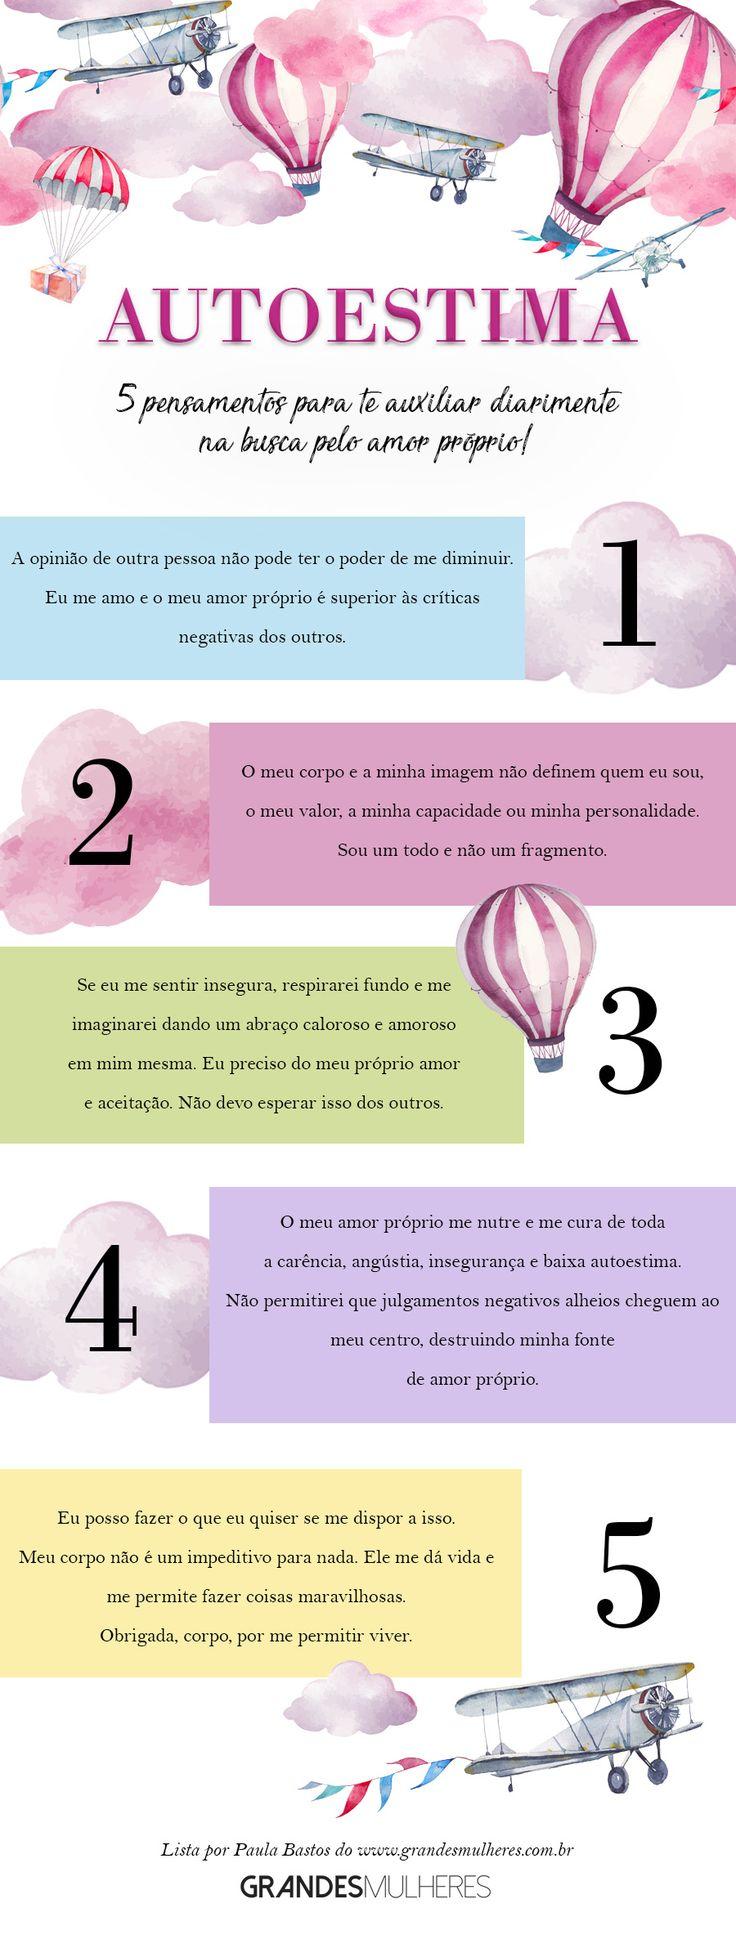 5 pensamentos para te ajudar a desenvolver autoestima: lista ilustrada com mensagens positivas que irão te ajudar na caminhada do amor próprio e da aceitação!